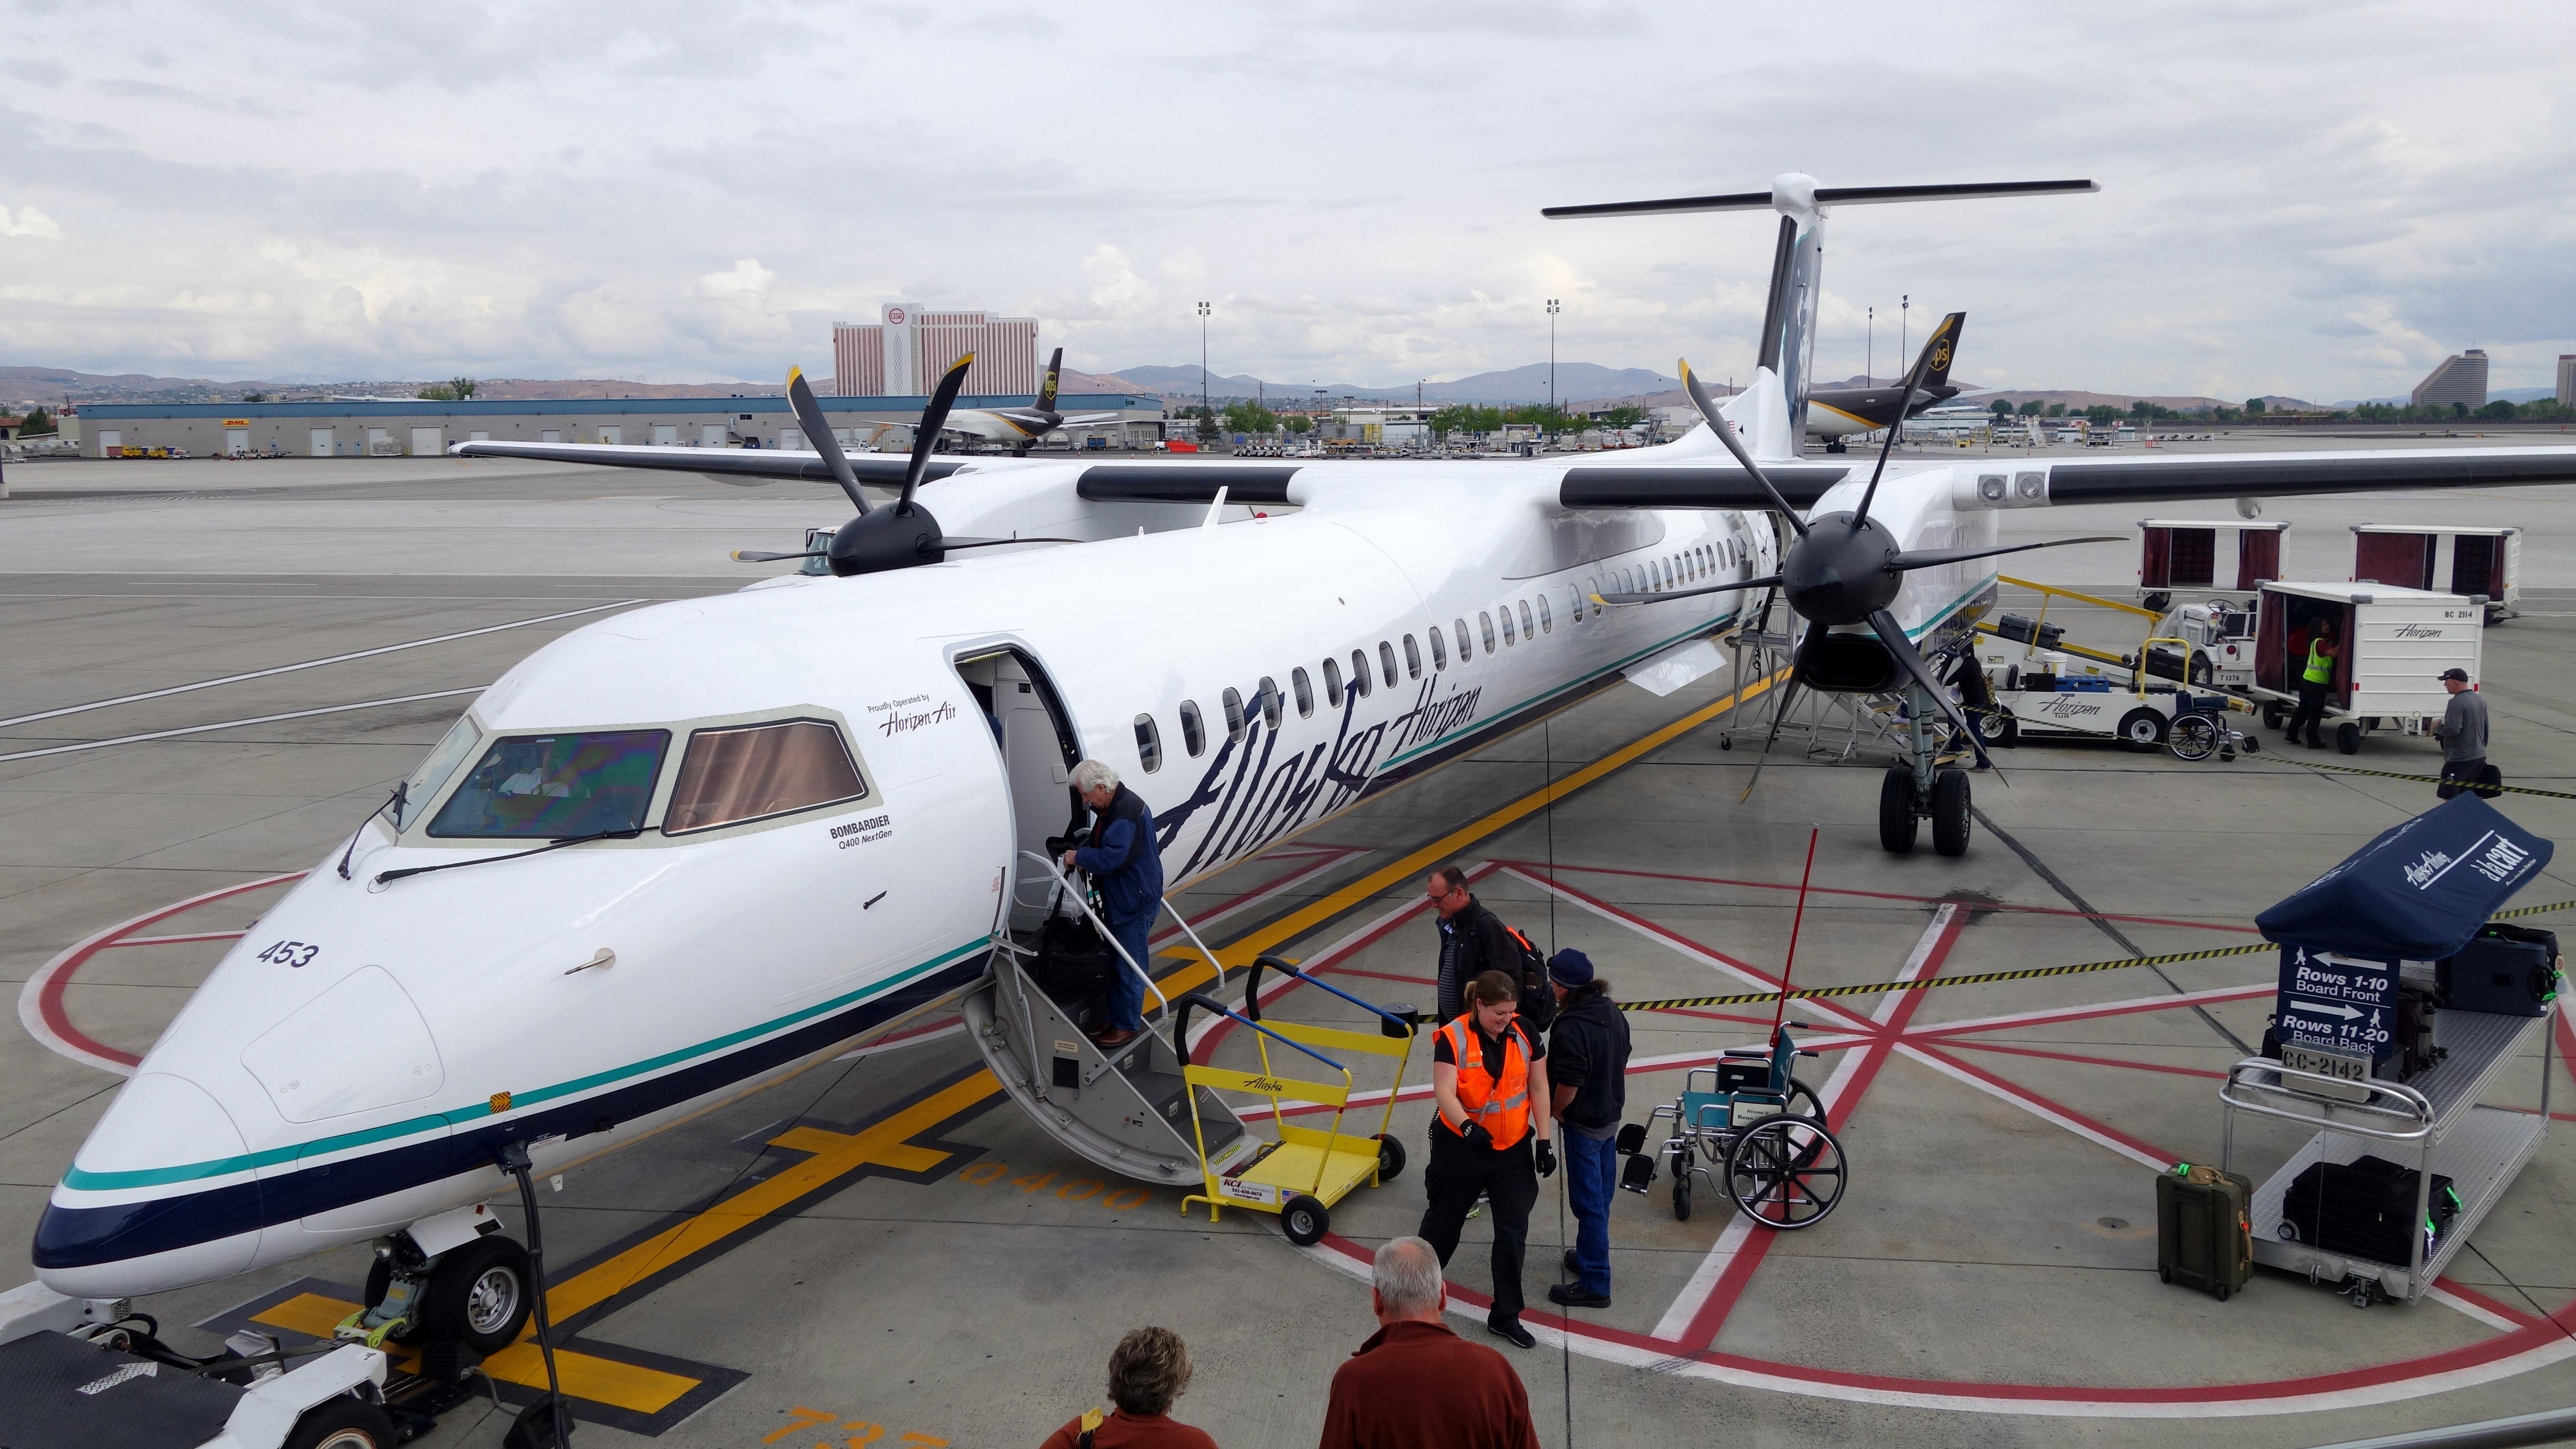 Shortest Runway   Flight Simulation   Flight Simulator Videos   3054x5430